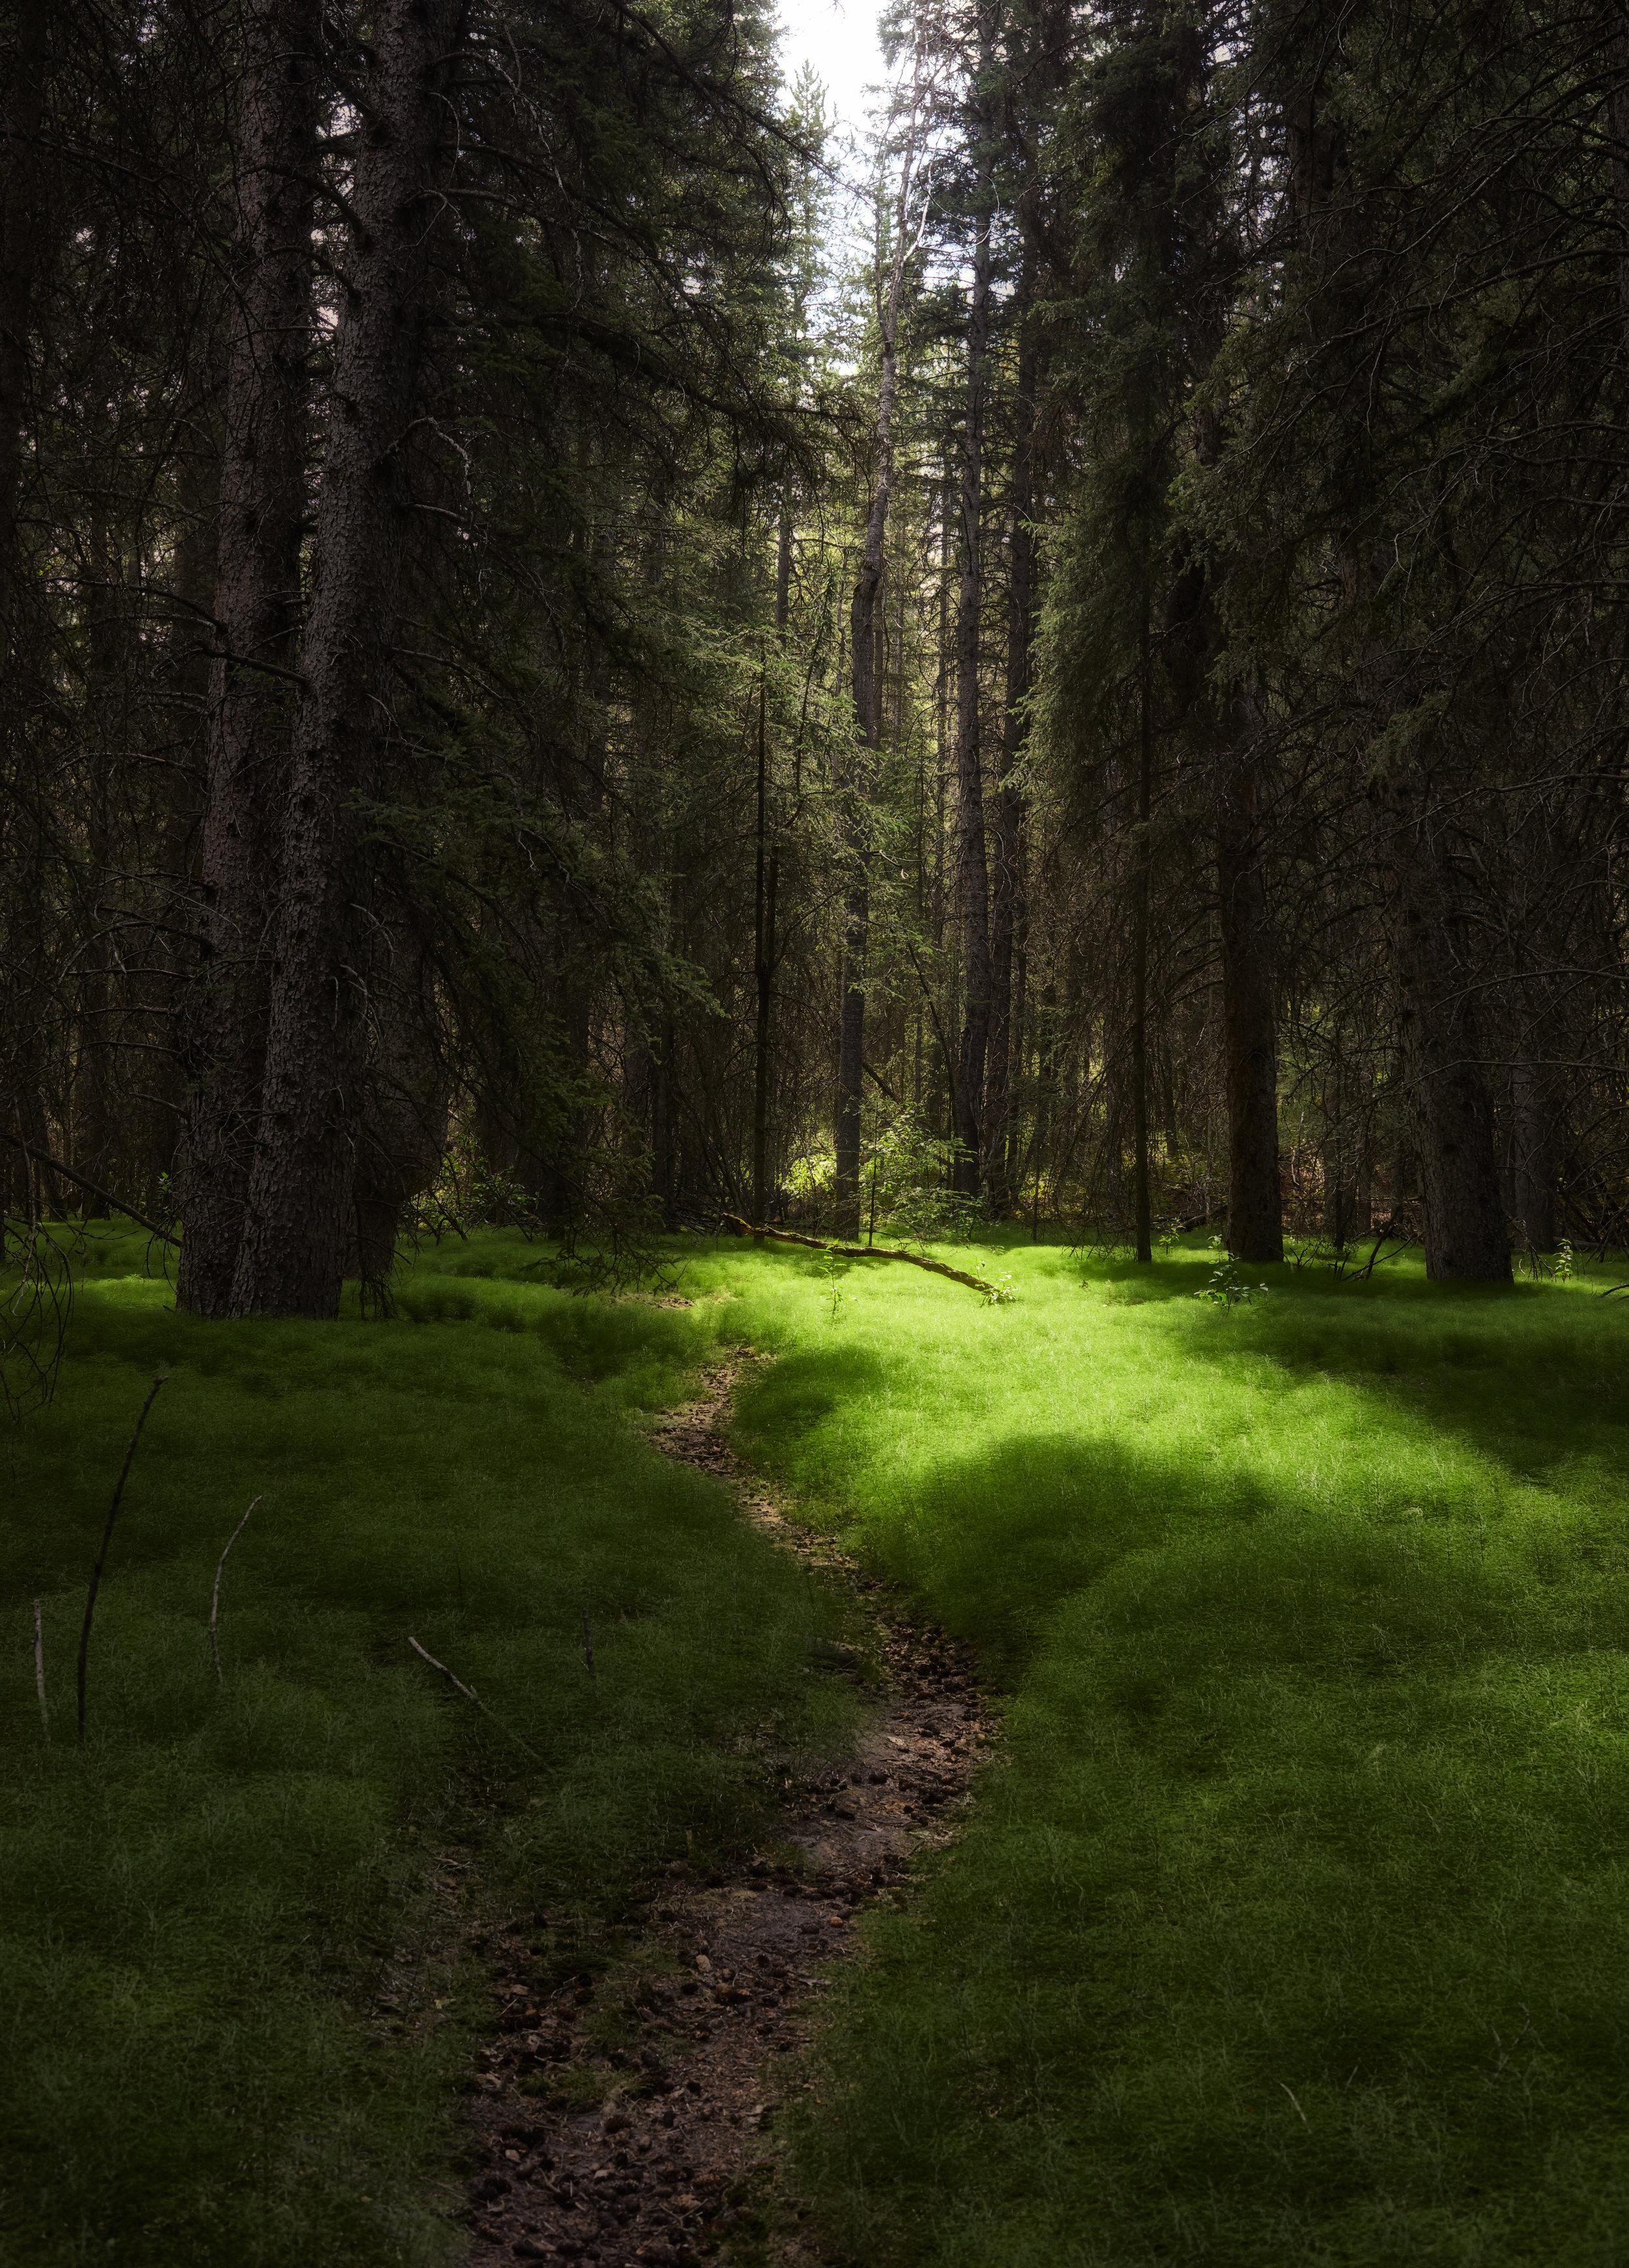 Fern-Forrest.jpg